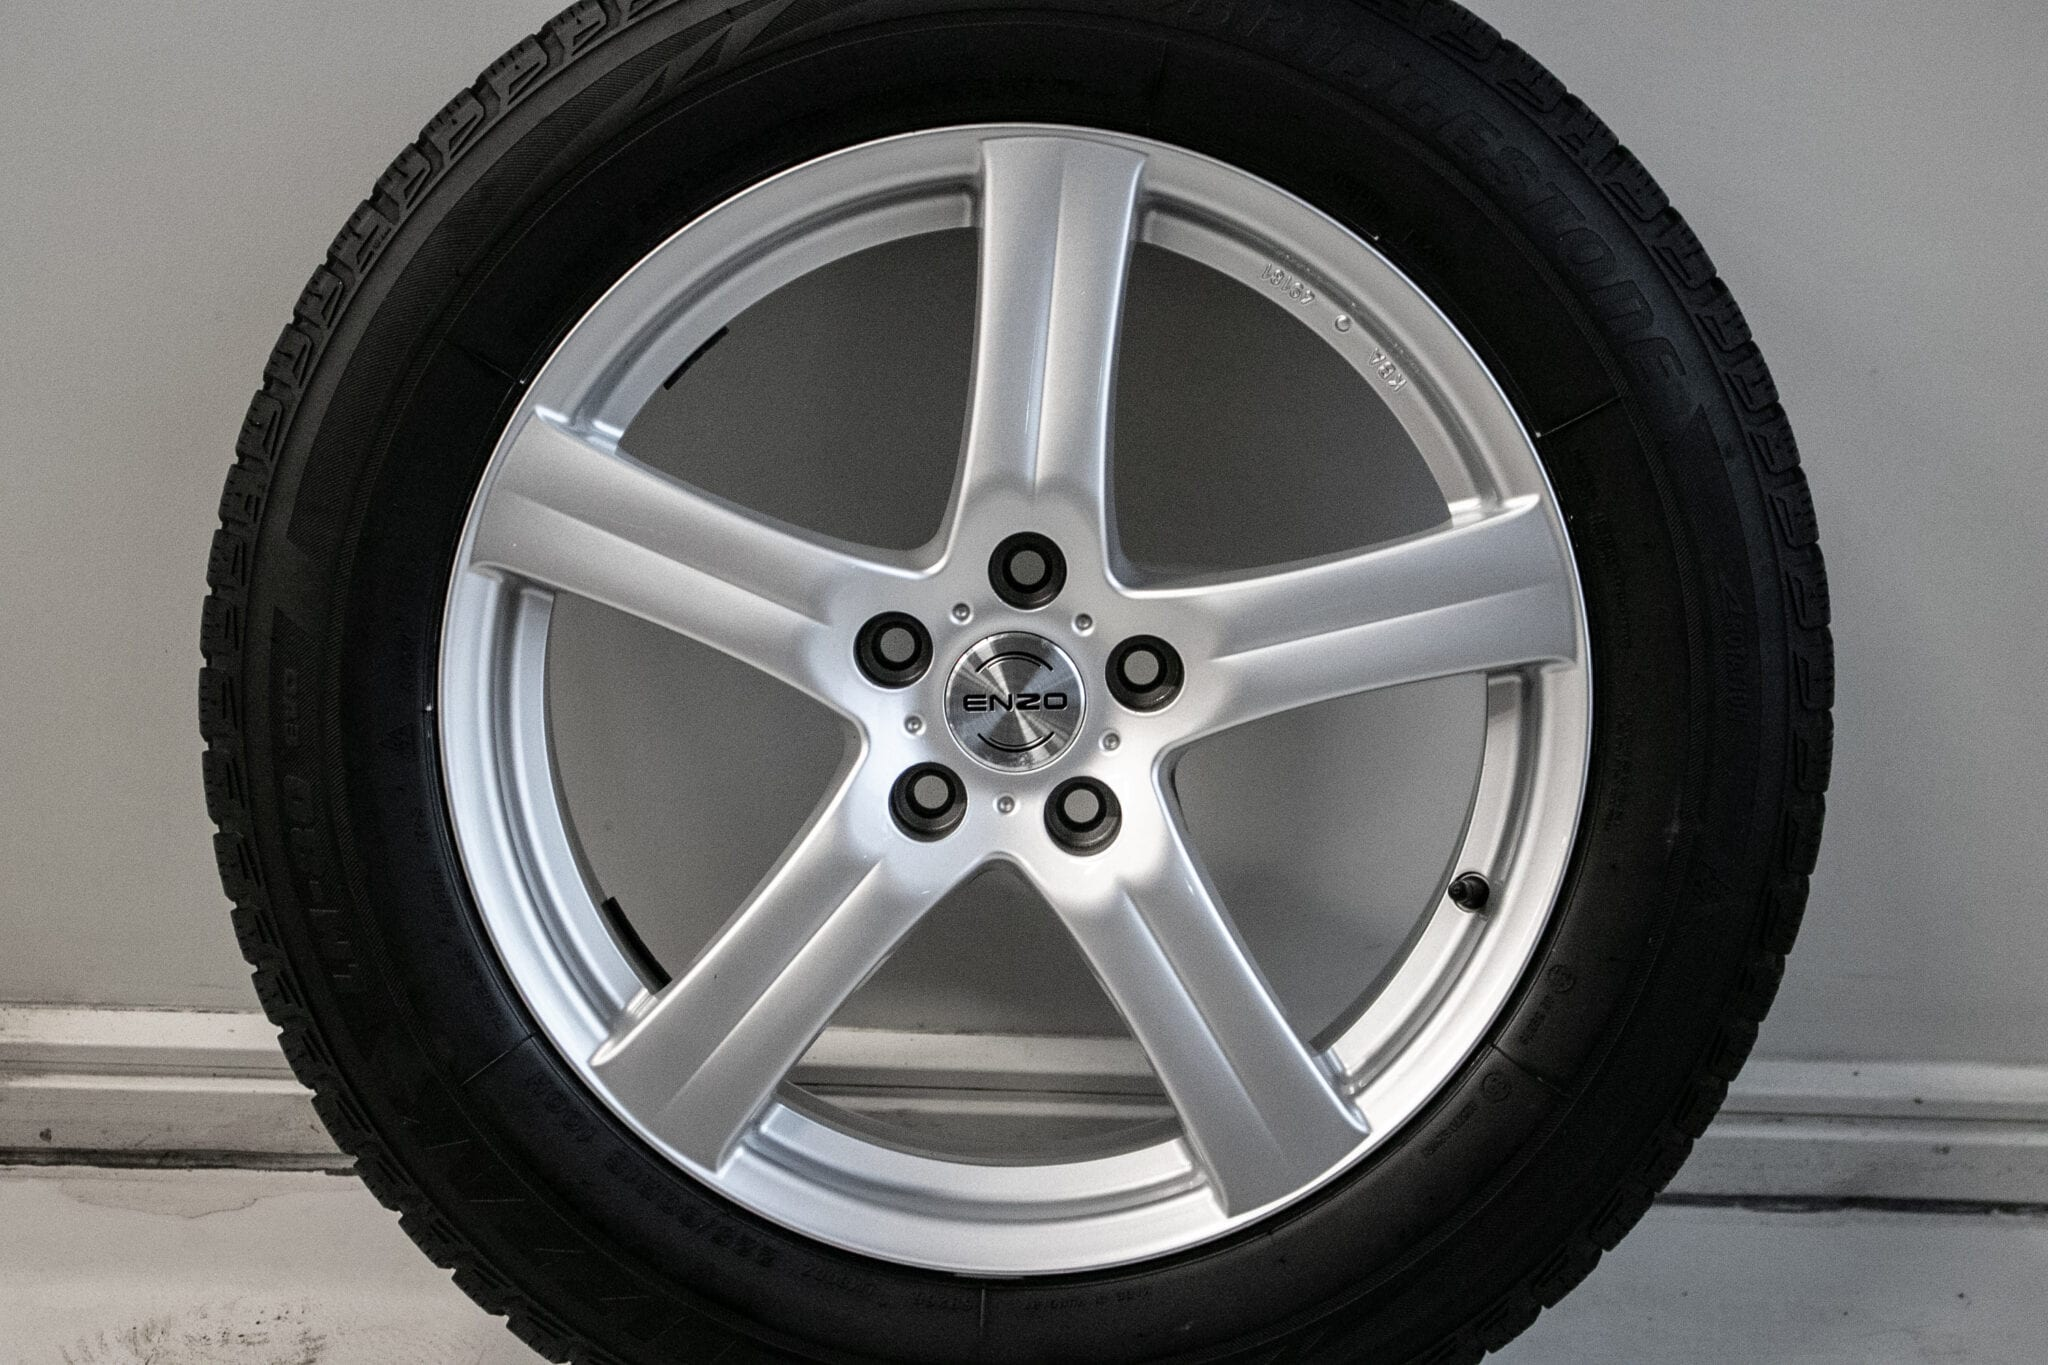 18″ Winterwielen voor de Honda CR-V ('07-'17)  €799,-  Gebruikt.